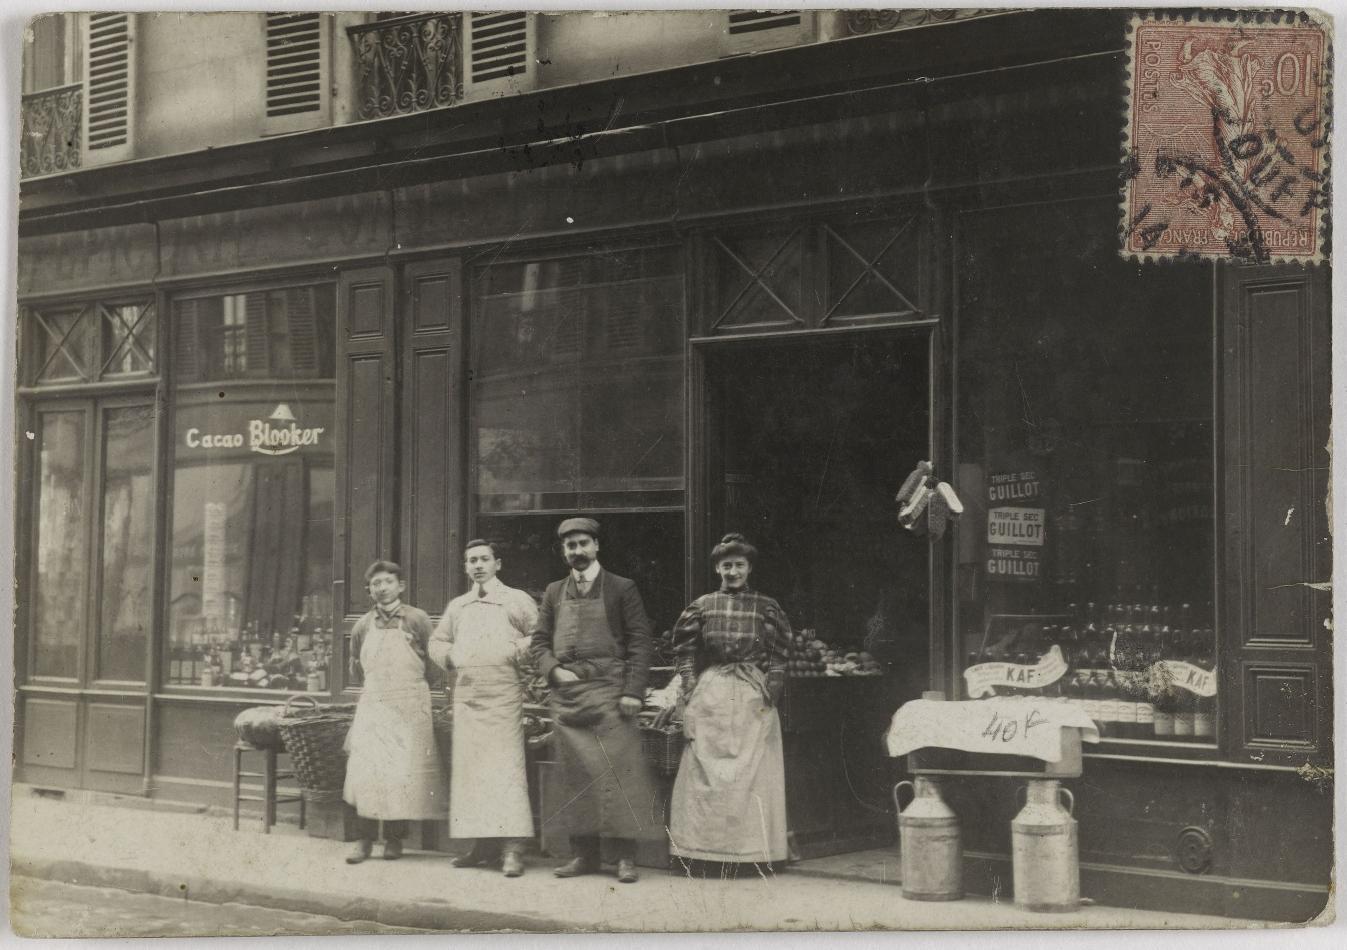 1907. Парижские магазины. Продовольственный магазин. Дом Пинон, 84, улица Дулонг (17-й округ). Сейчас неиспользуемое помещение